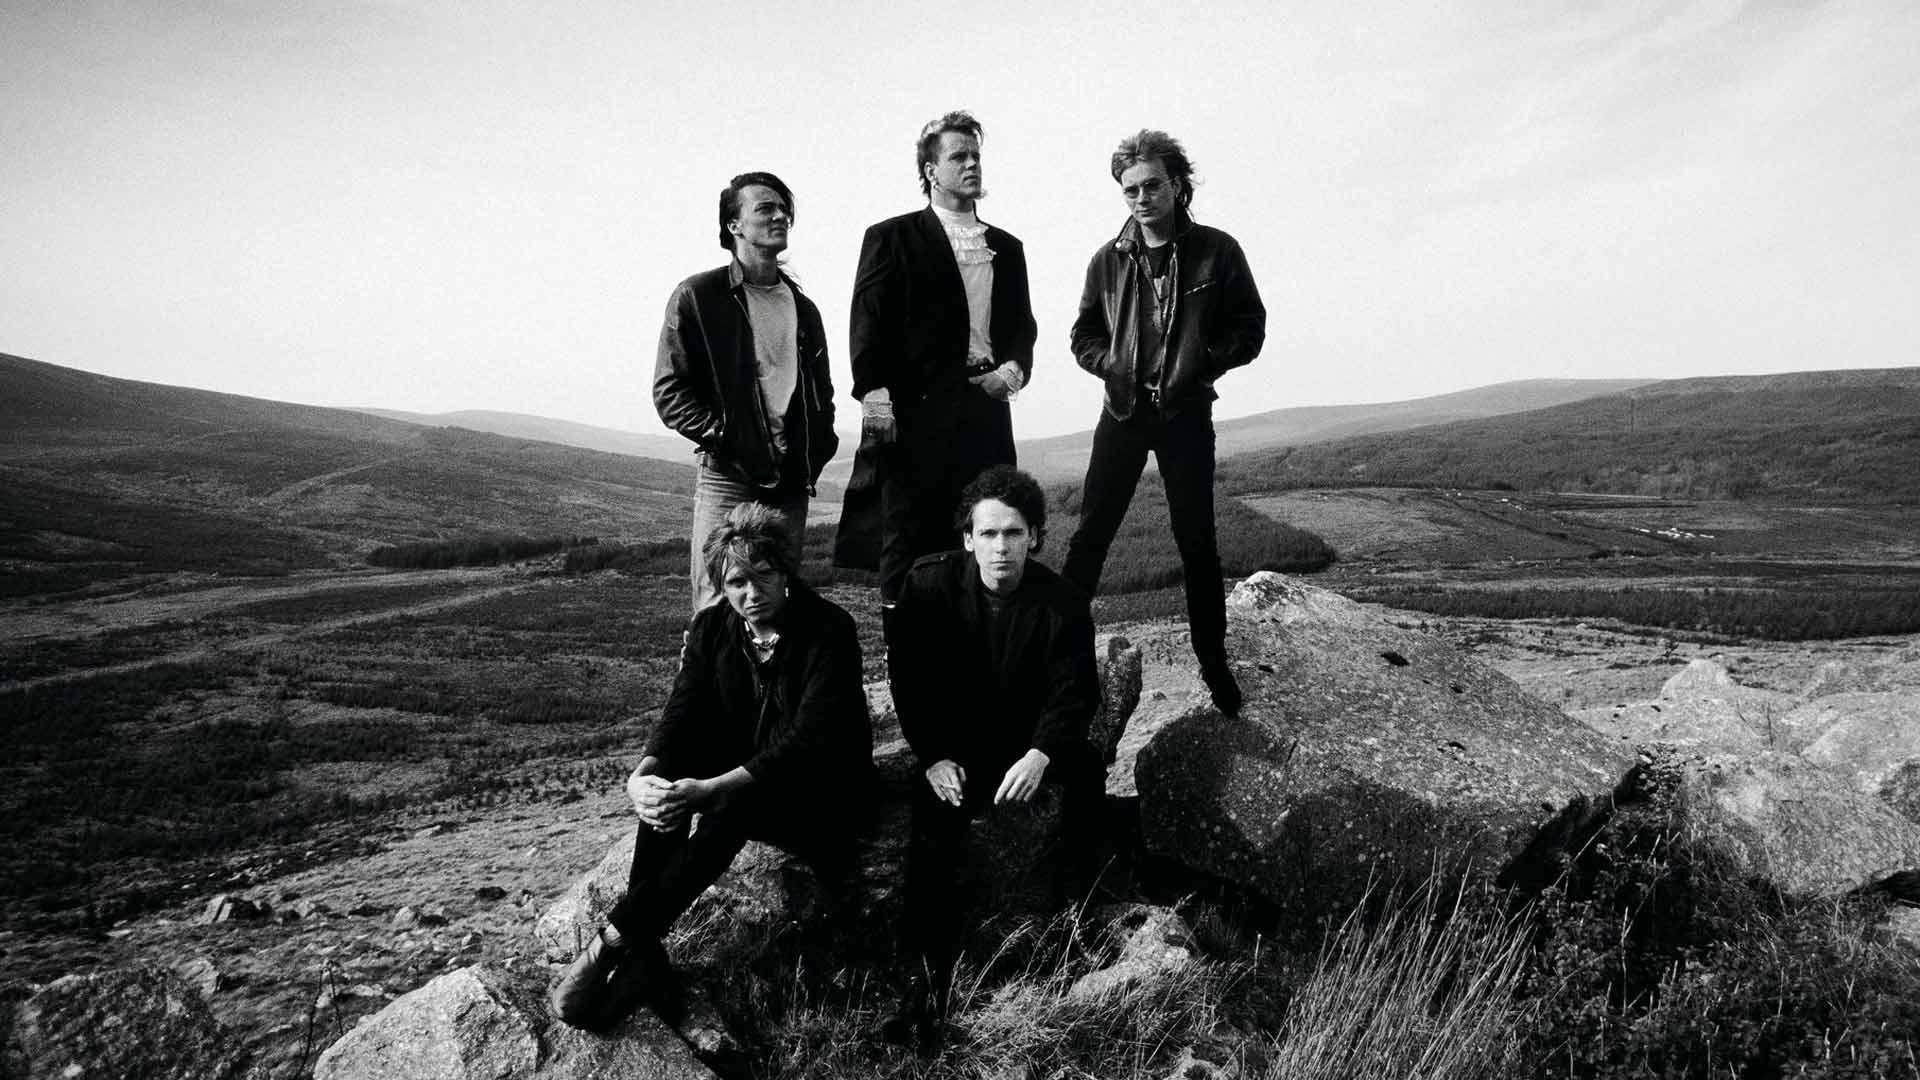 Kunnian kenttiä levyttämässä Irlannissa lokakuussa 1985.